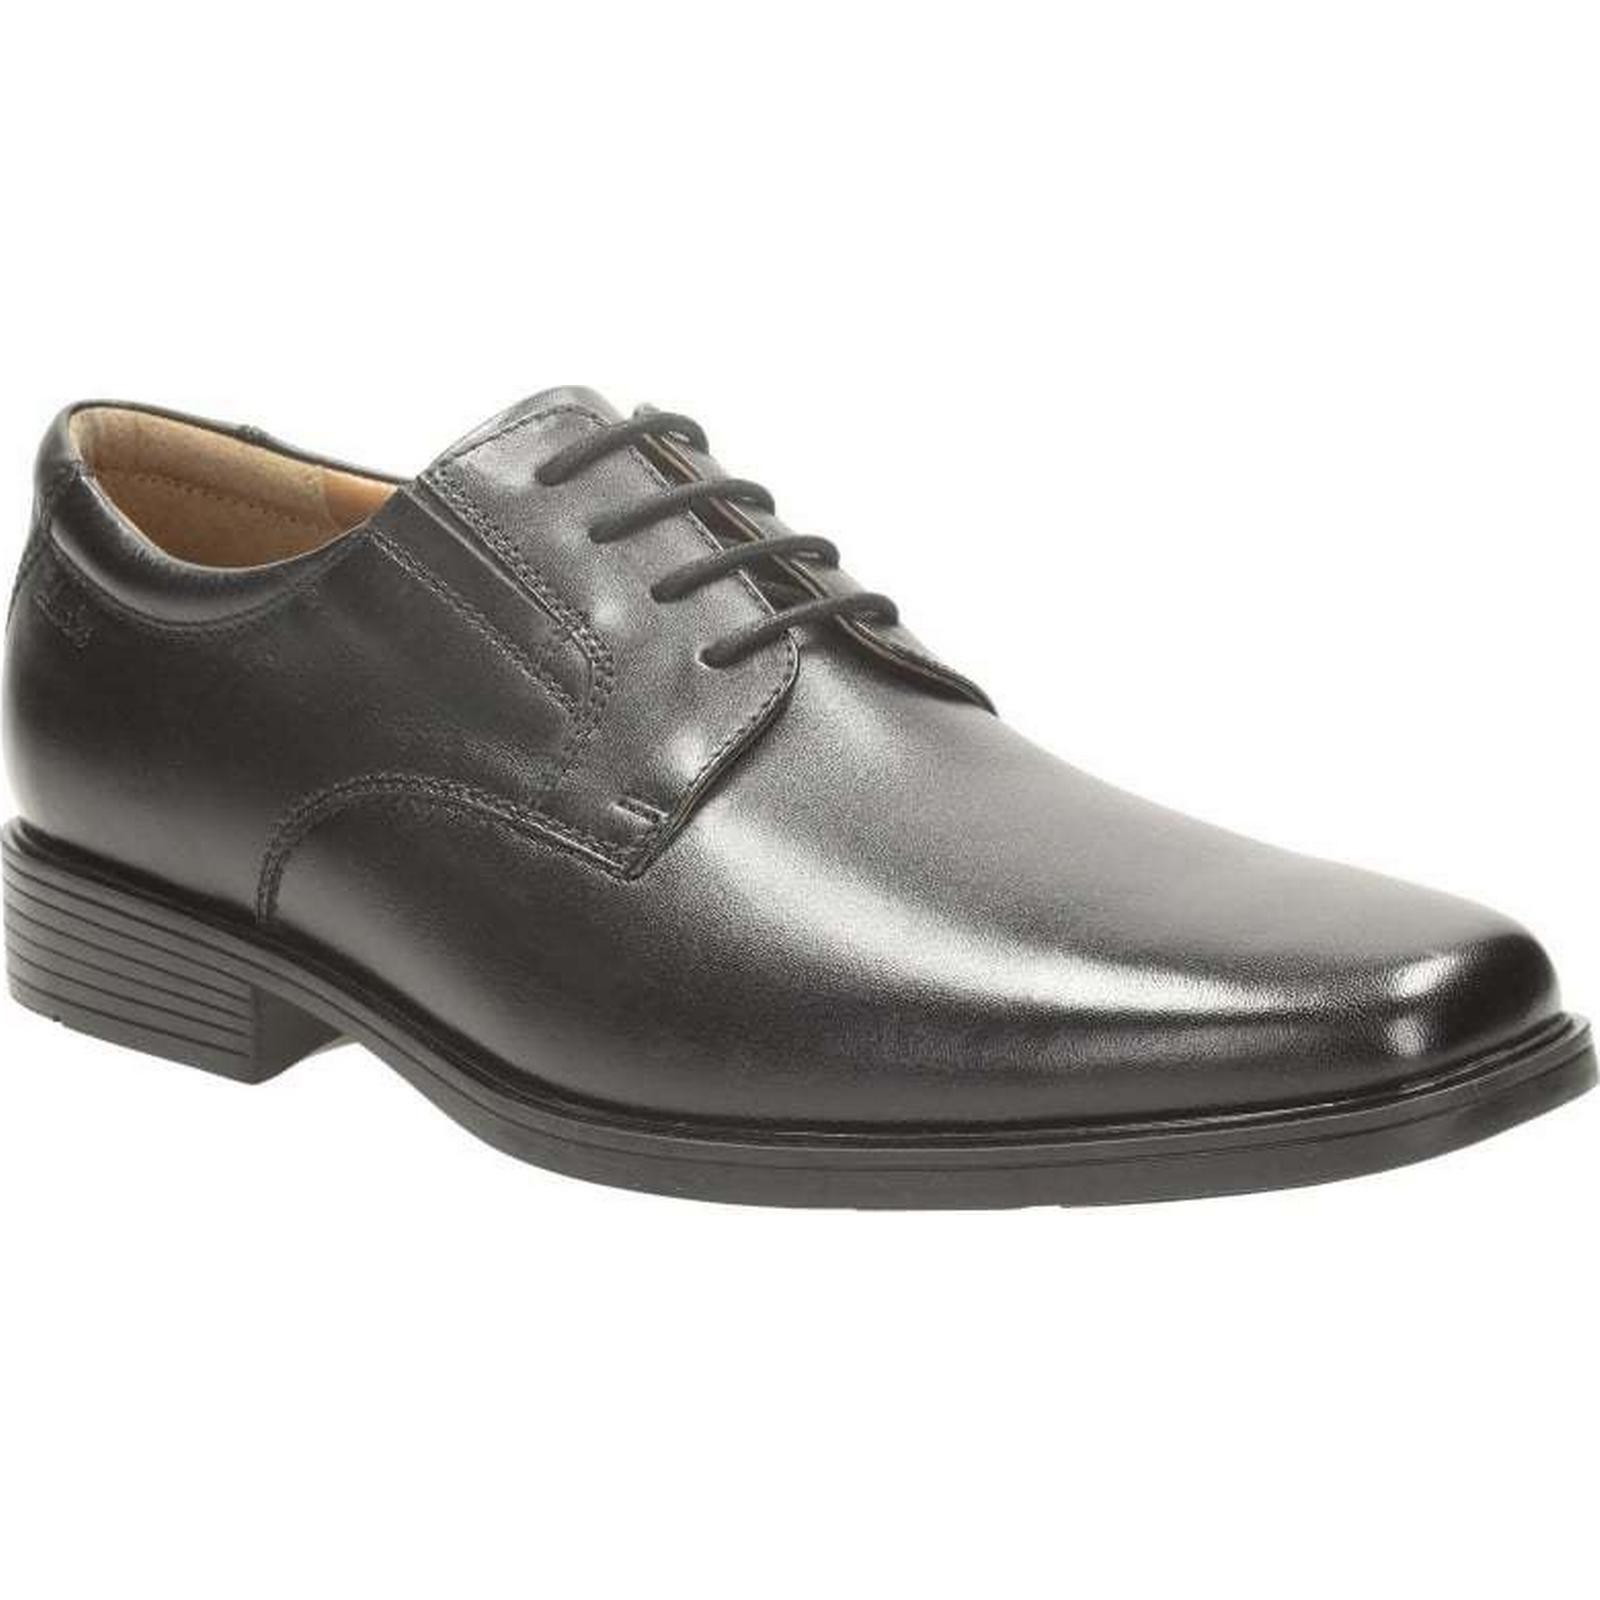 Clarks Tilden Plain - Size: Black Leather Size: - 7 UK d2862d